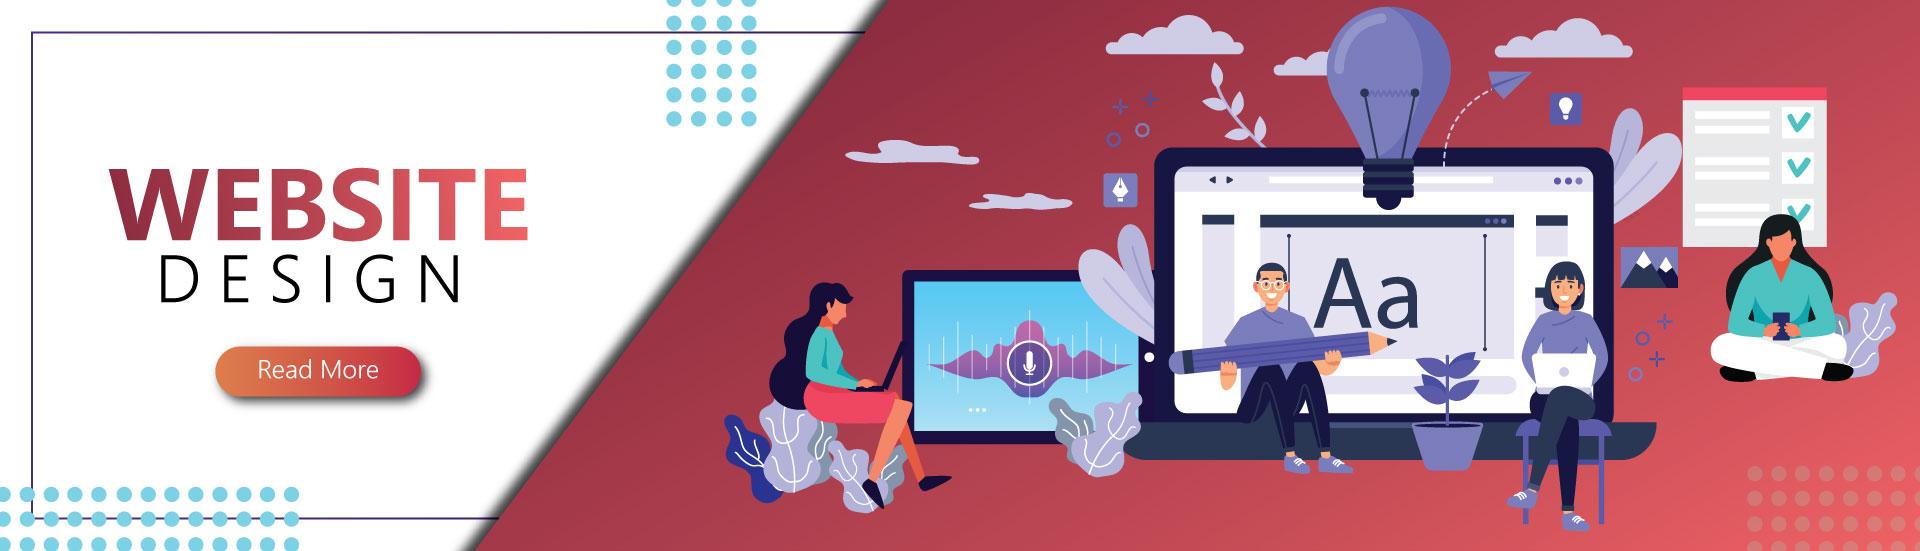 website design services in chandigarh